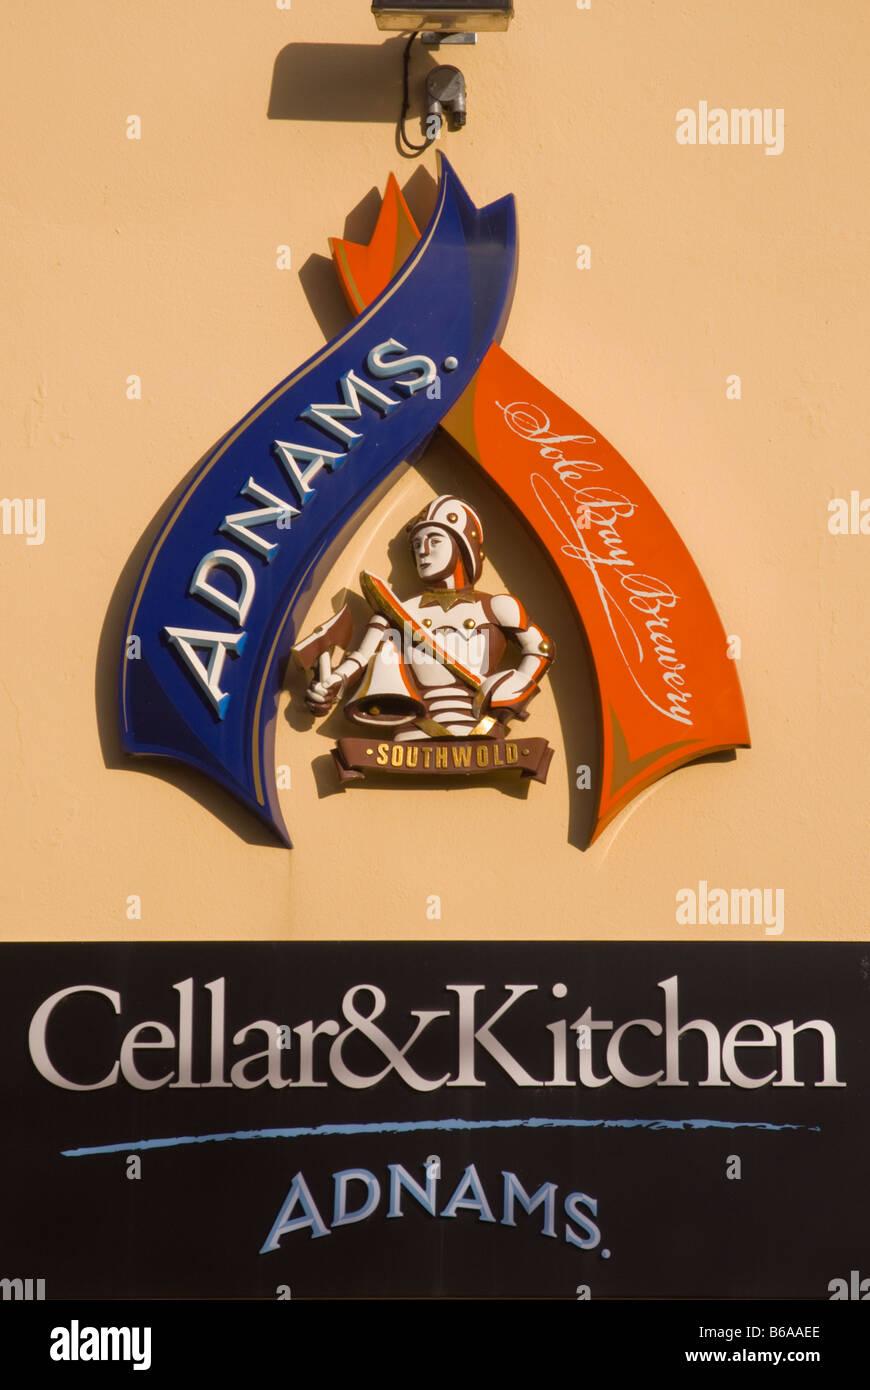 Adnams cellar u0026 kitchen shop store sign in HarlestonNorfolkUk & Adnams cellar u0026 kitchen shop store sign in HarlestonNorfolkUk ...